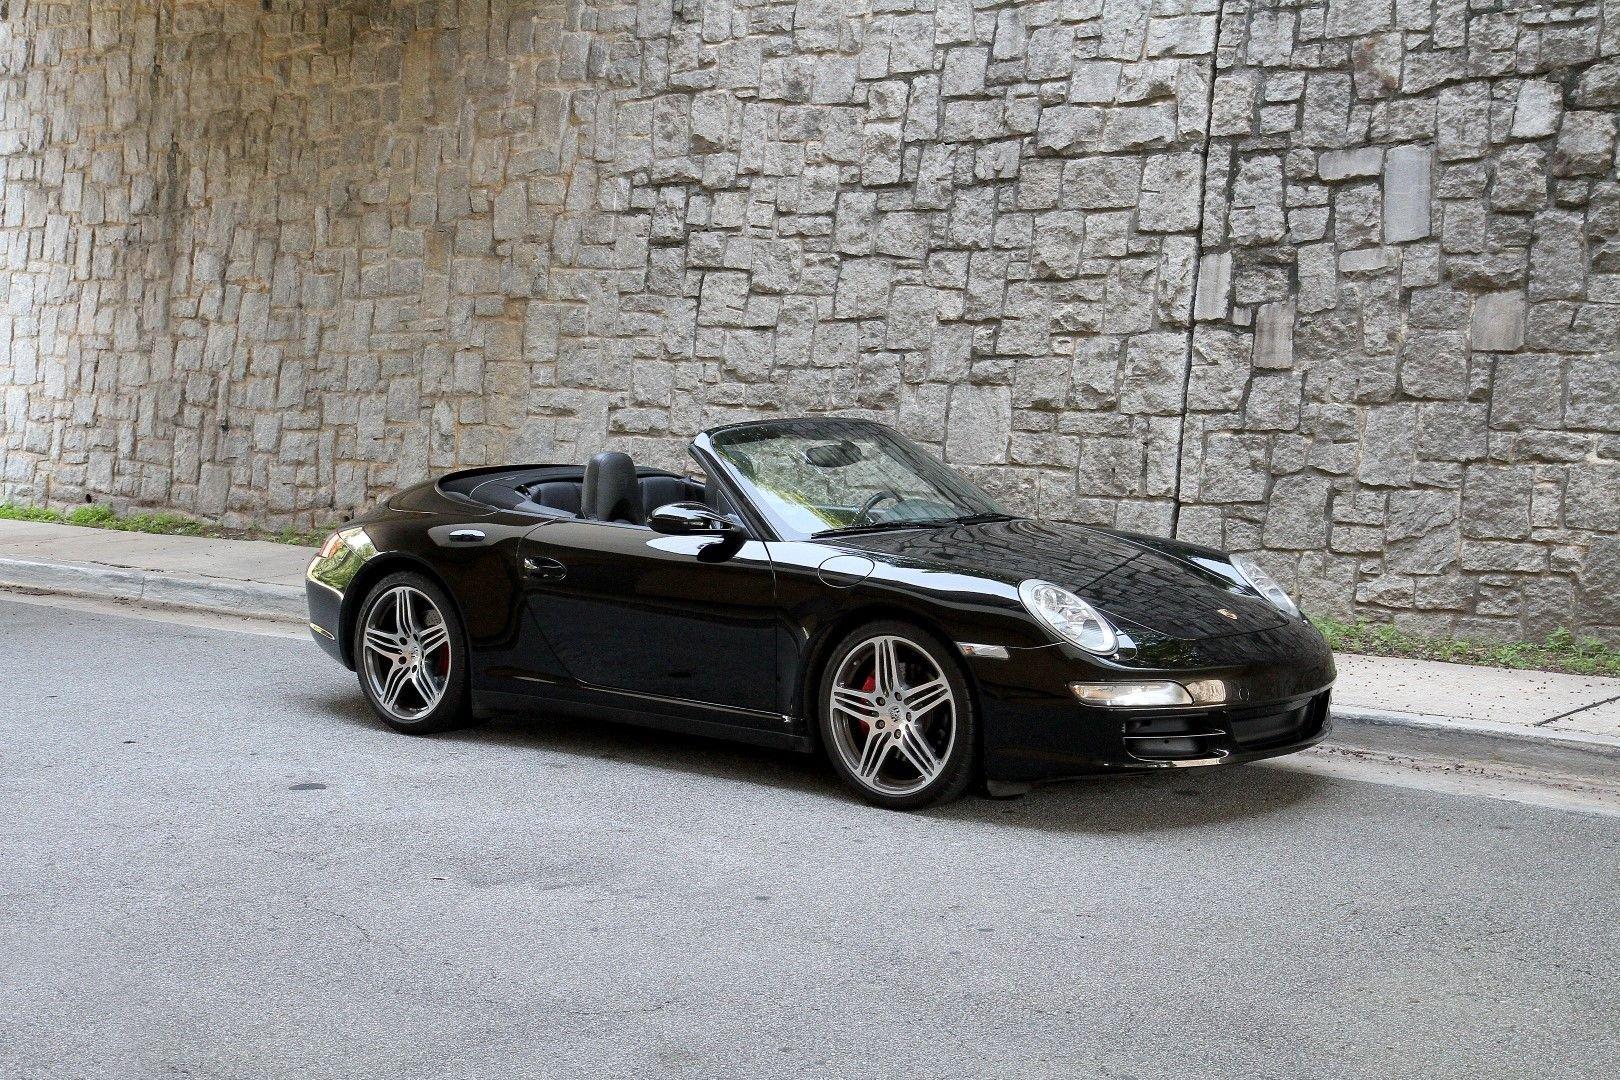 2007 porsche 911 c4s cabriolet